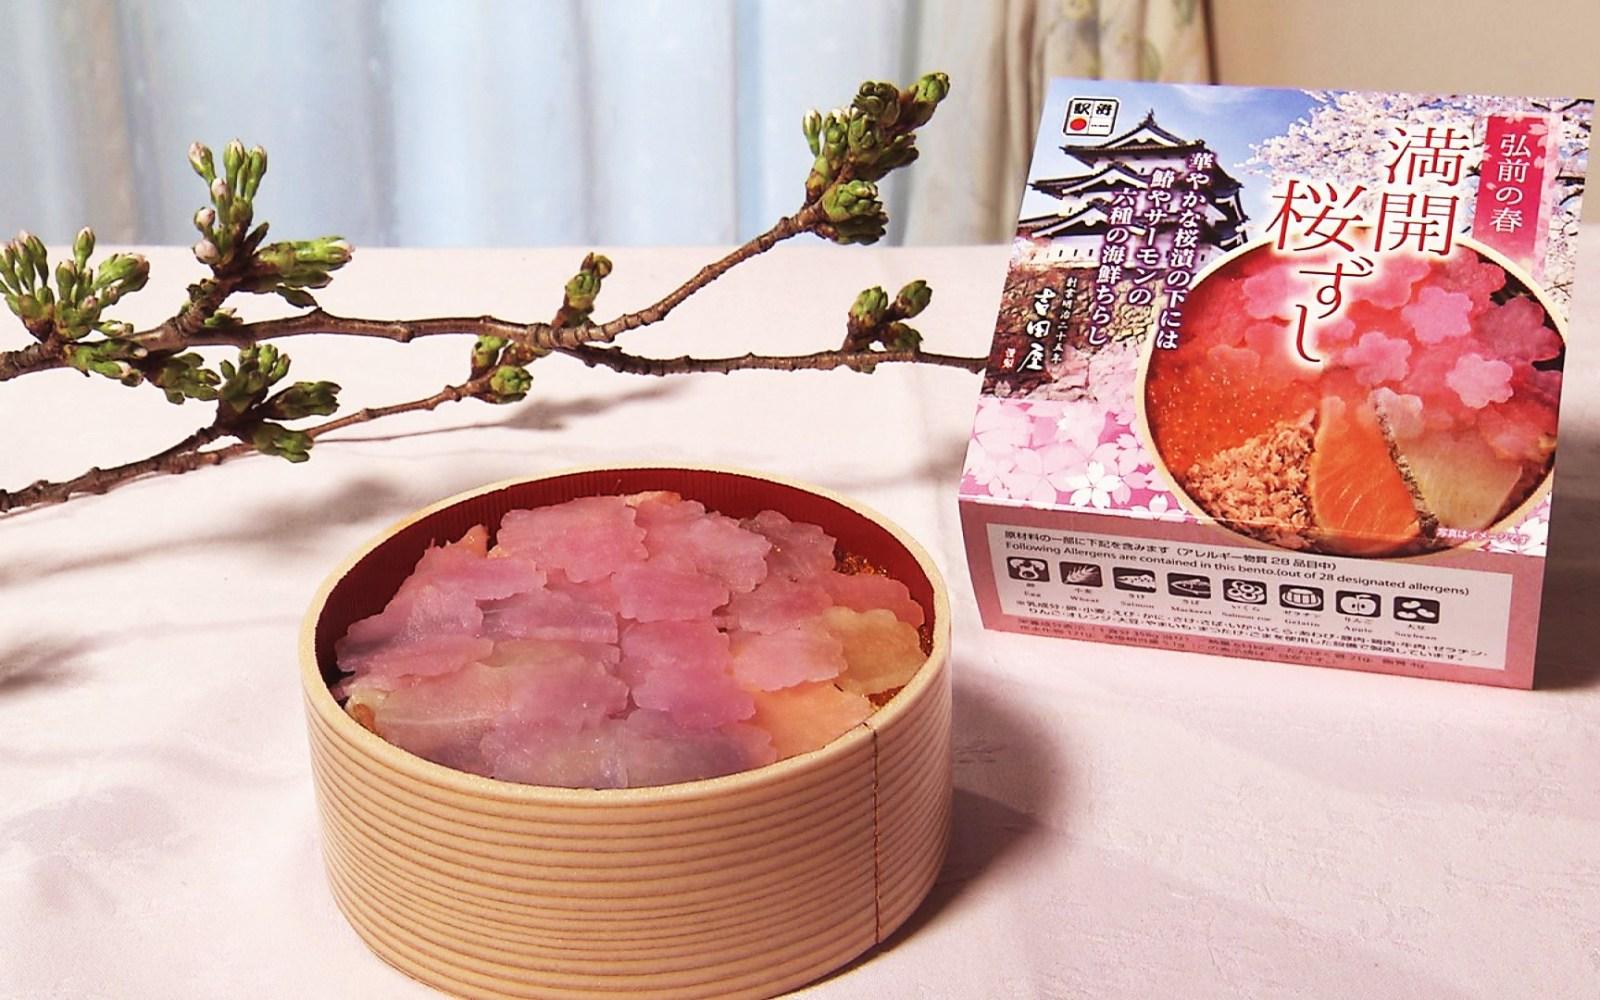 さくら一色!見た目にもかわいいお弁当「弘前の春 満開桜ずし」